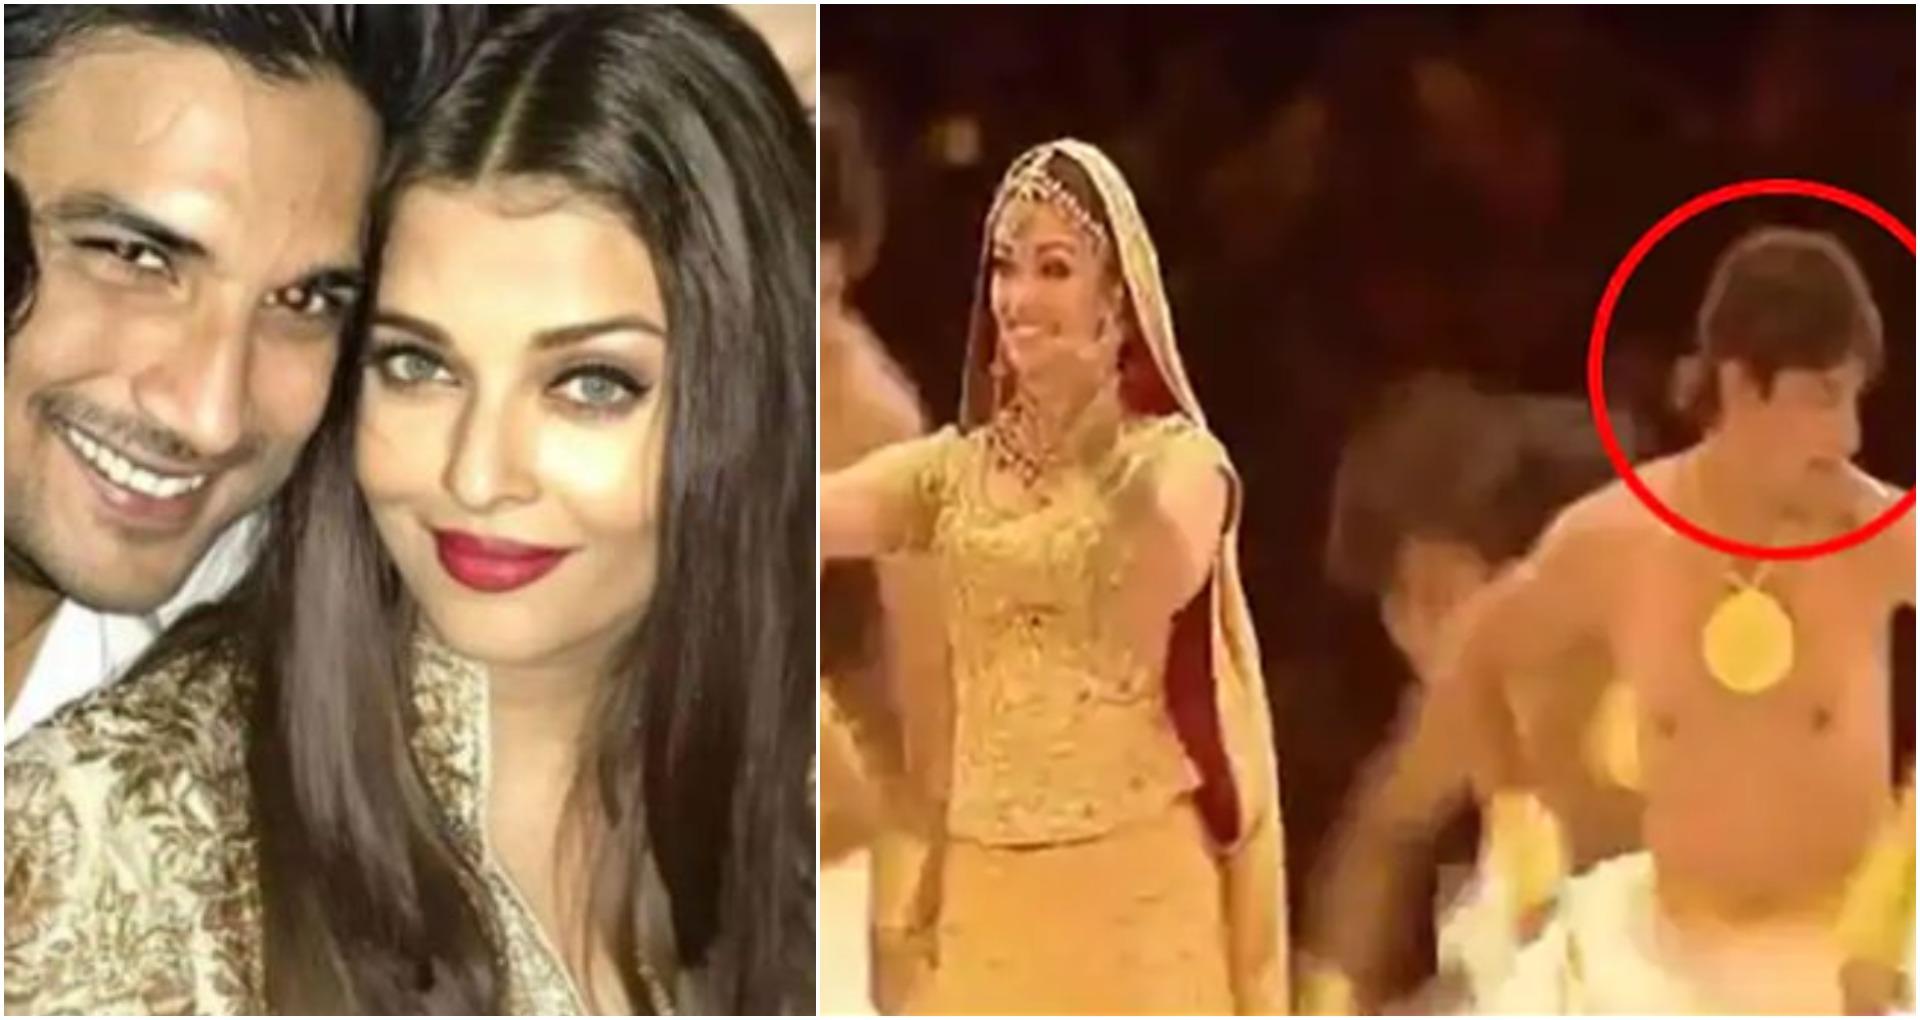 ऐश्वर्या राय बच्चन के साथ सुशांत सिंह राजपूत का डांस वीडियो हो रहा वायरल, देखें वीडियो